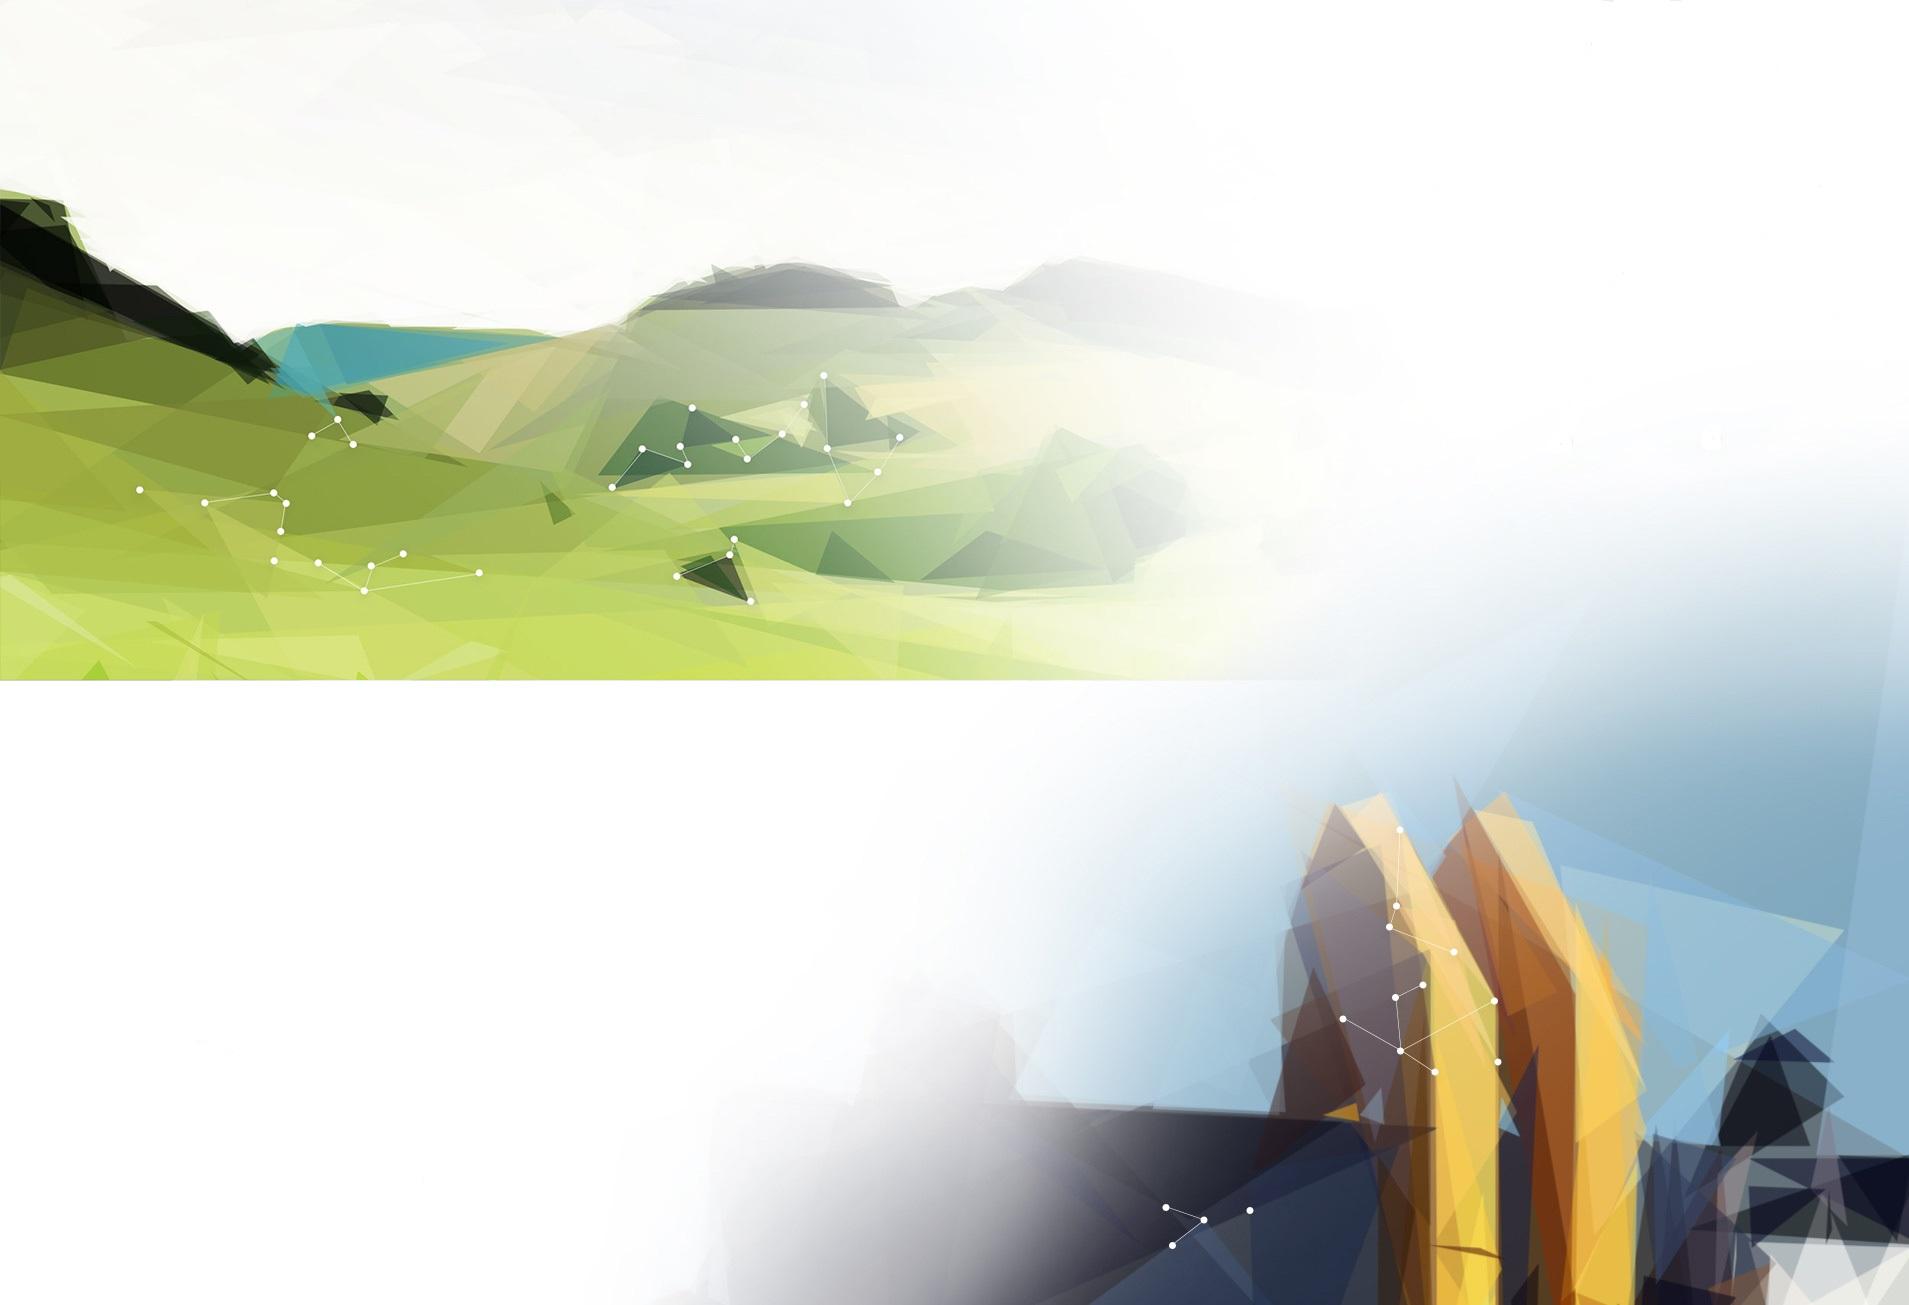 achtergrond Kempkes Landmeten